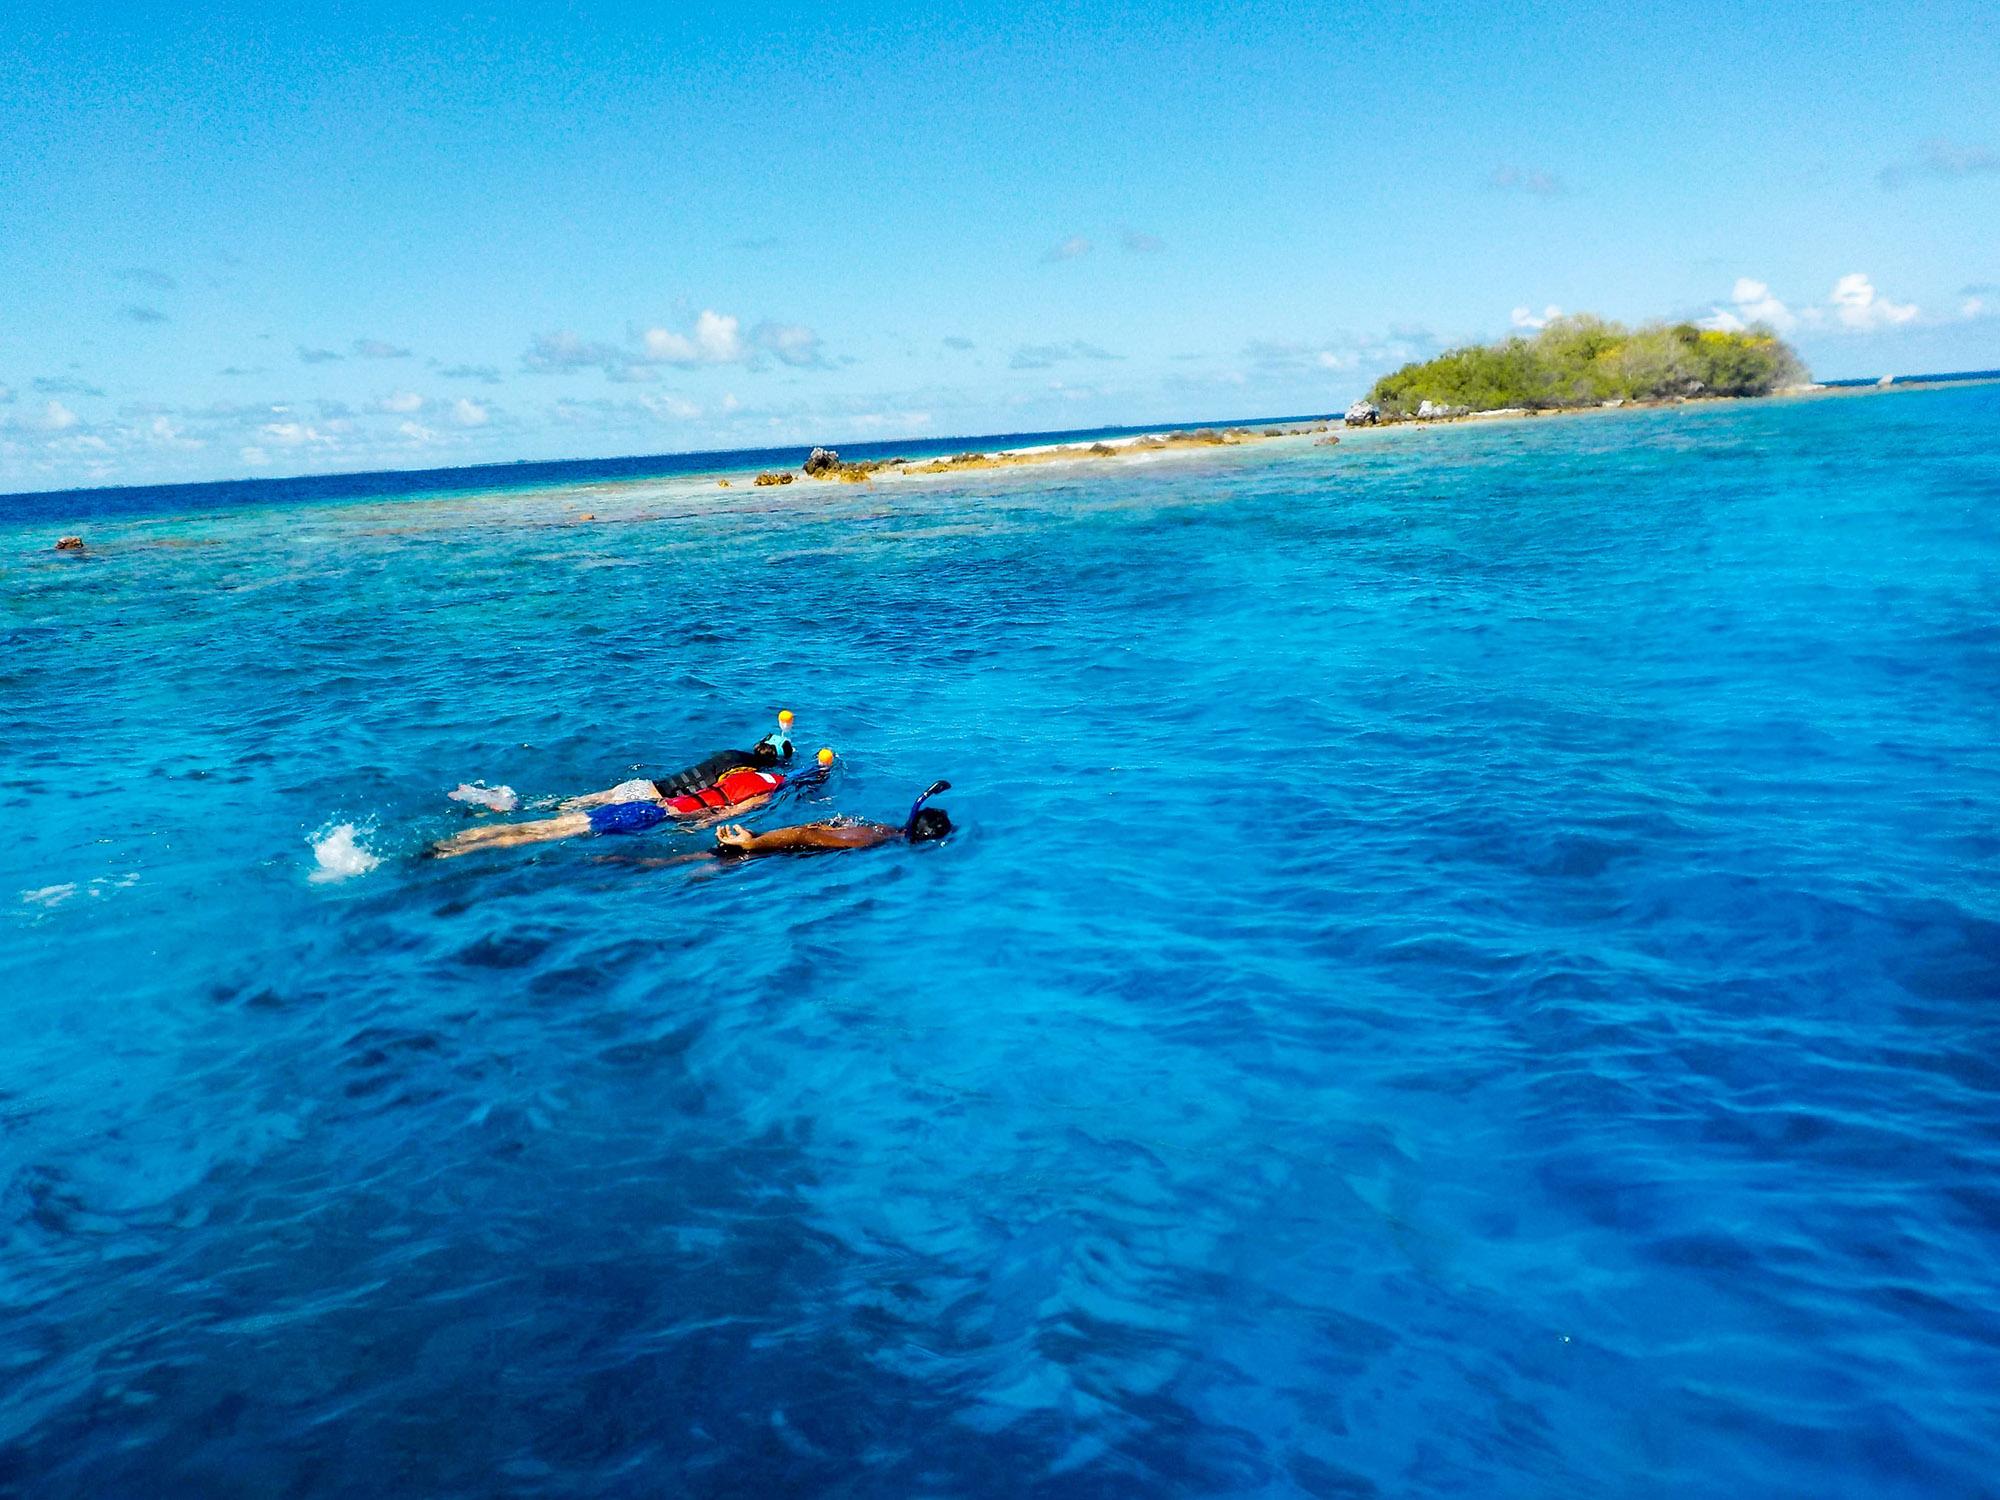 Snorkeling en eau turquoise.